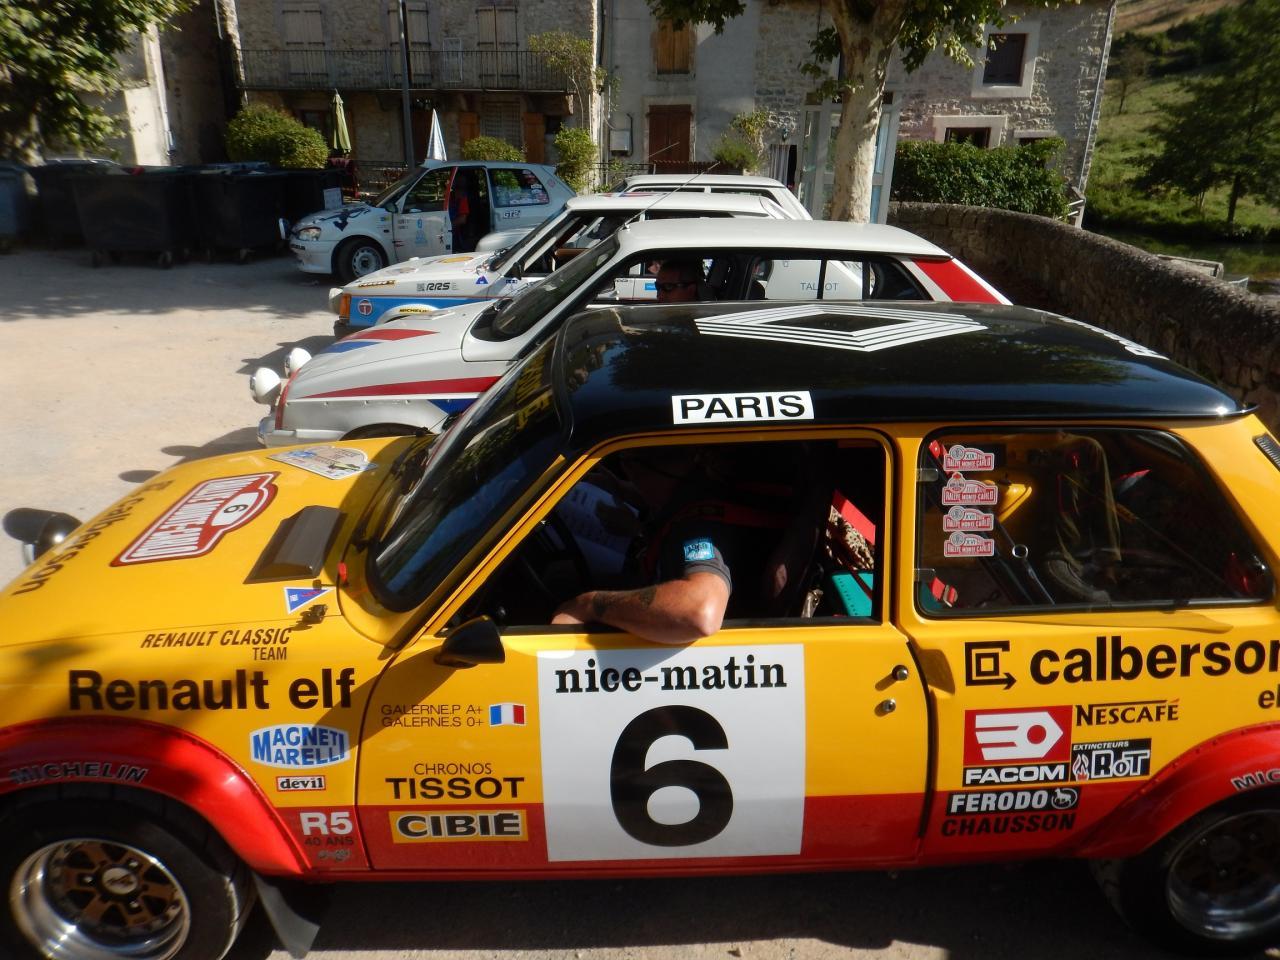 Le Rallye des Vautours 2016